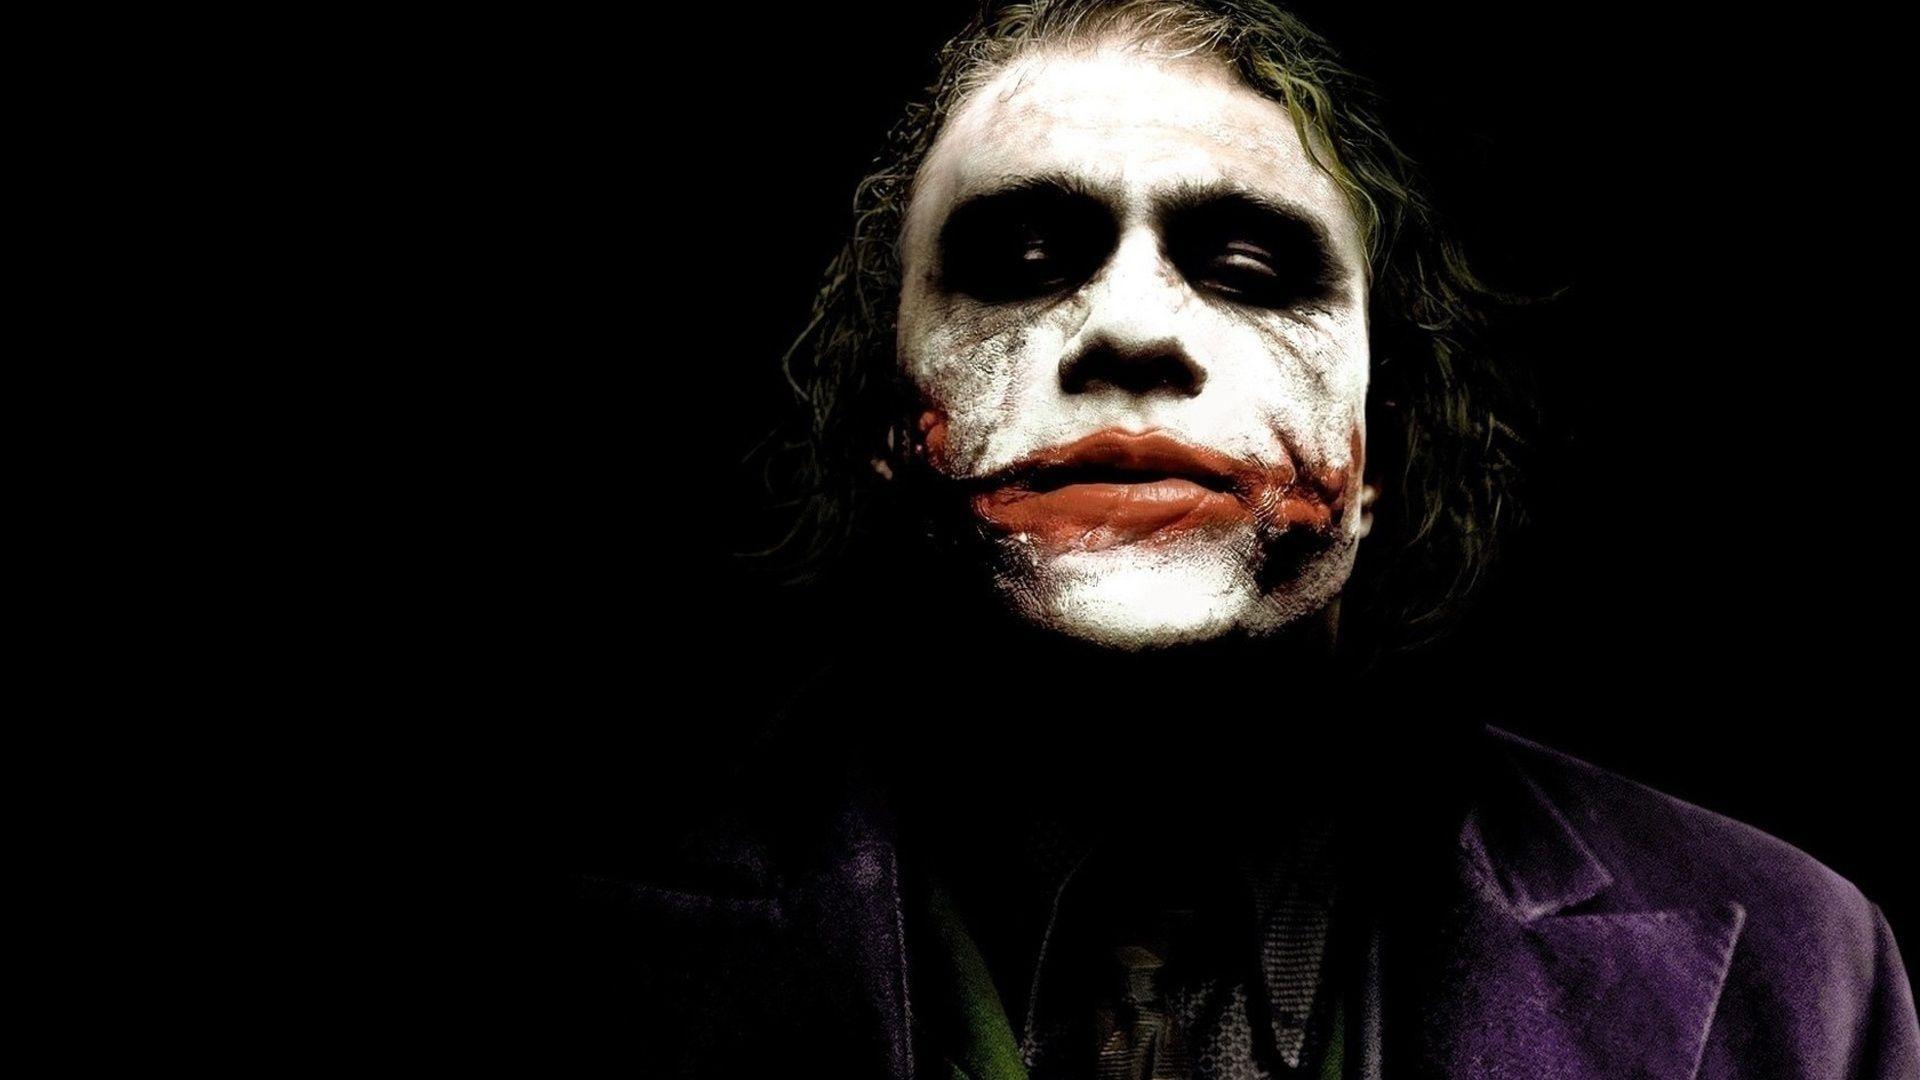 10 New Heath Ledger Joker Wallpapers Full Hd 1080p For Pc Background Heath Ledger Joker Wallpaper Heath Ledger Joker Heath Ledger